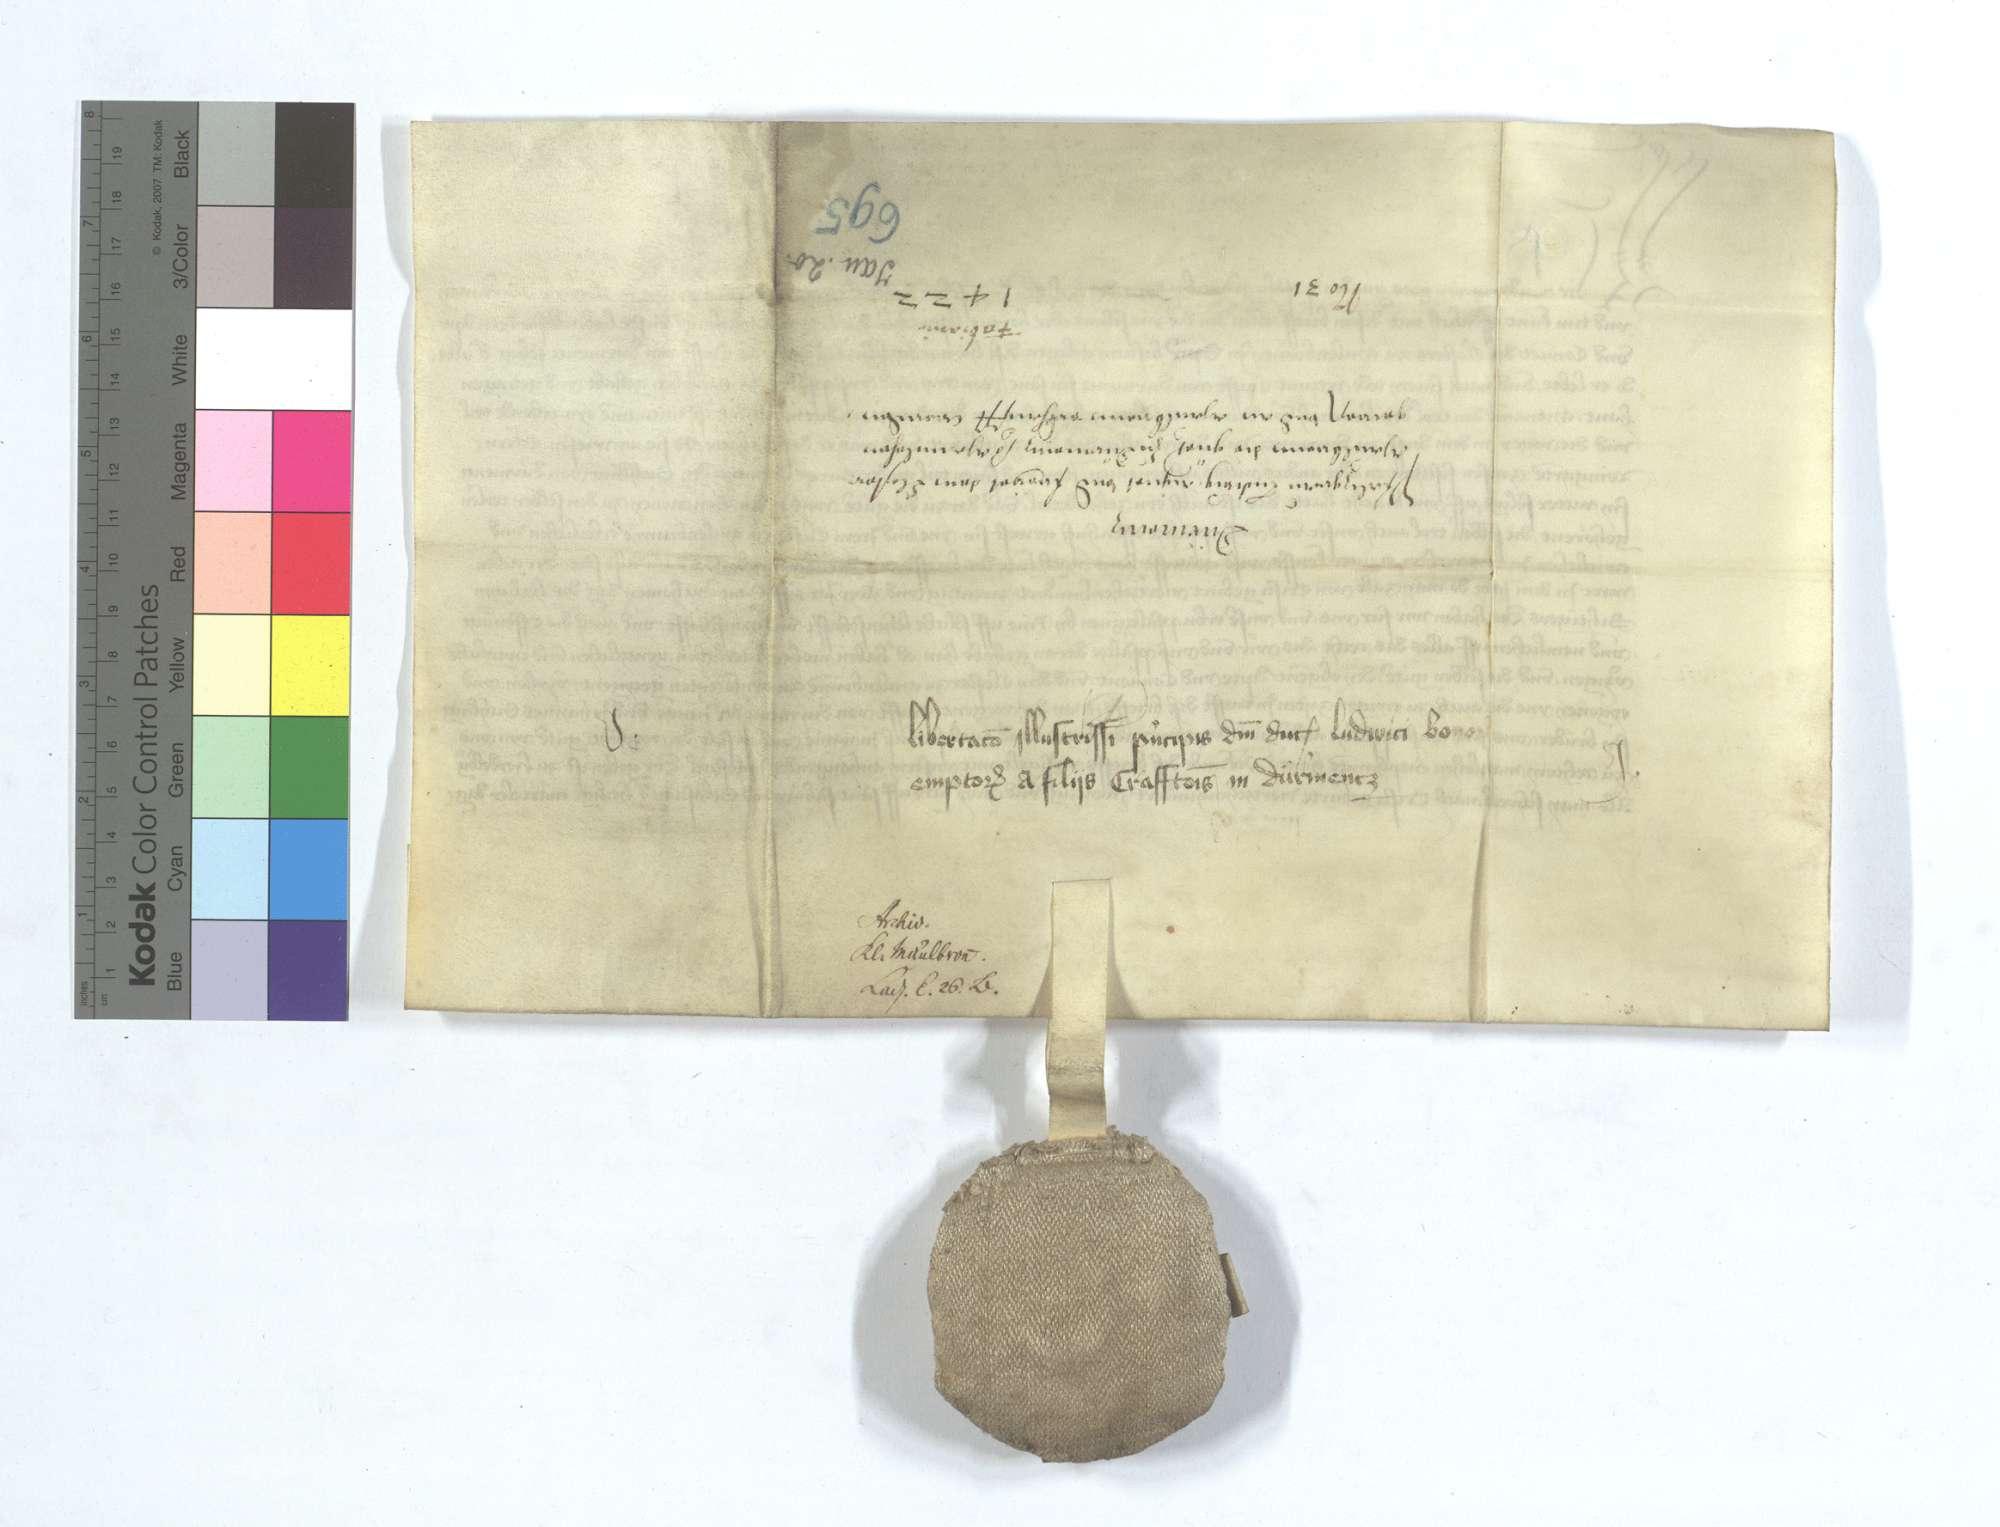 Kurfürst Ludwig von der Pfalz freit und eignet dem Kloster Maulbronn die Güter in Dürrmenz, die ihm zu Lehen gegangen sind, welche Güter die Edlen von Dürrmenz mit anderen Lehensgütern widerlegt haben., Rückseite